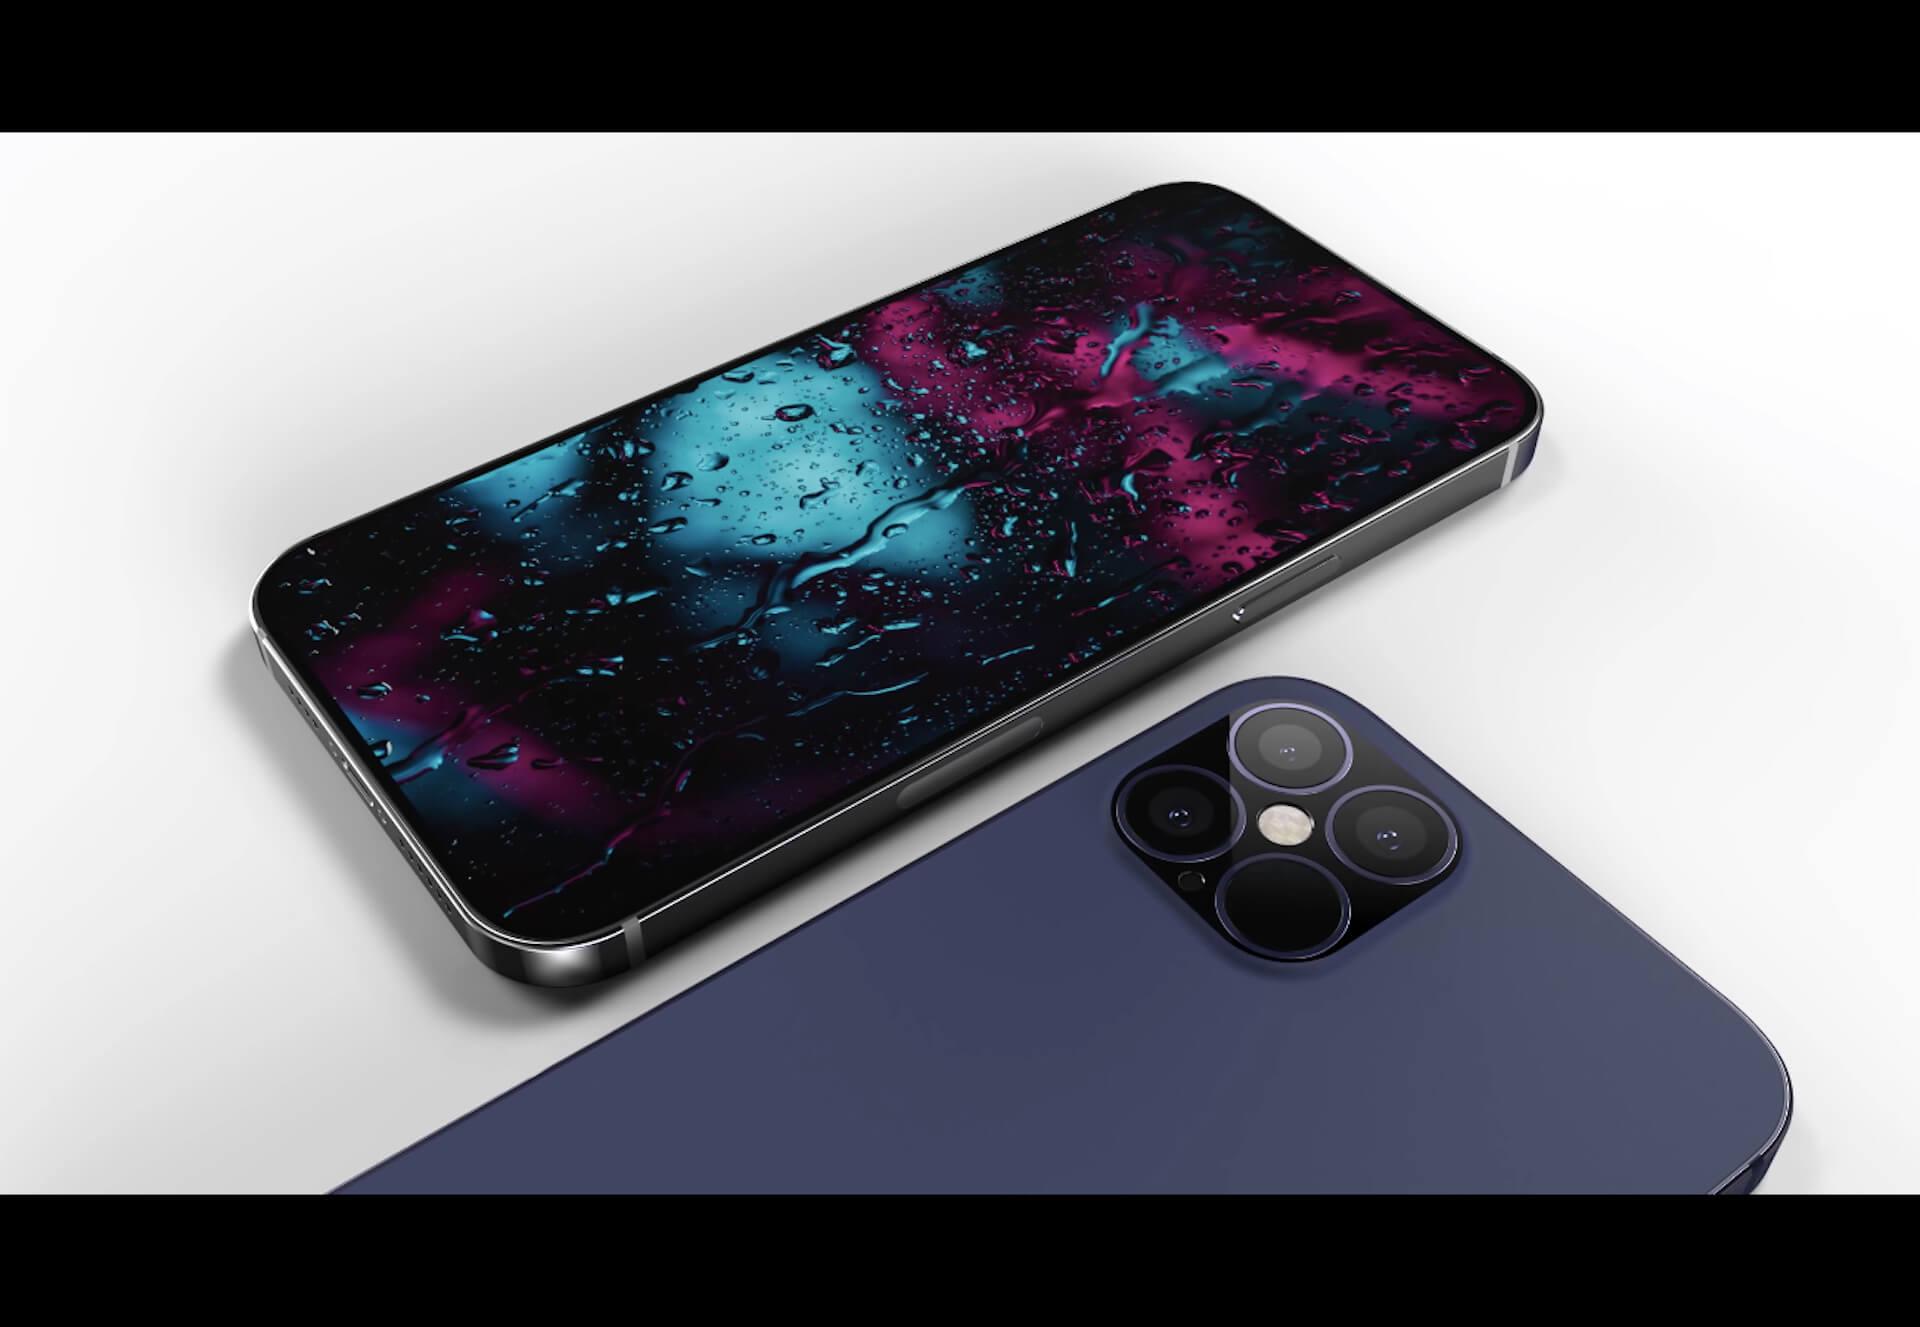 来年発売のiPhoneはやはりUSB-Cポートに移行?Apple提携のサプライヤーが示唆 tech200623_iphone13_main